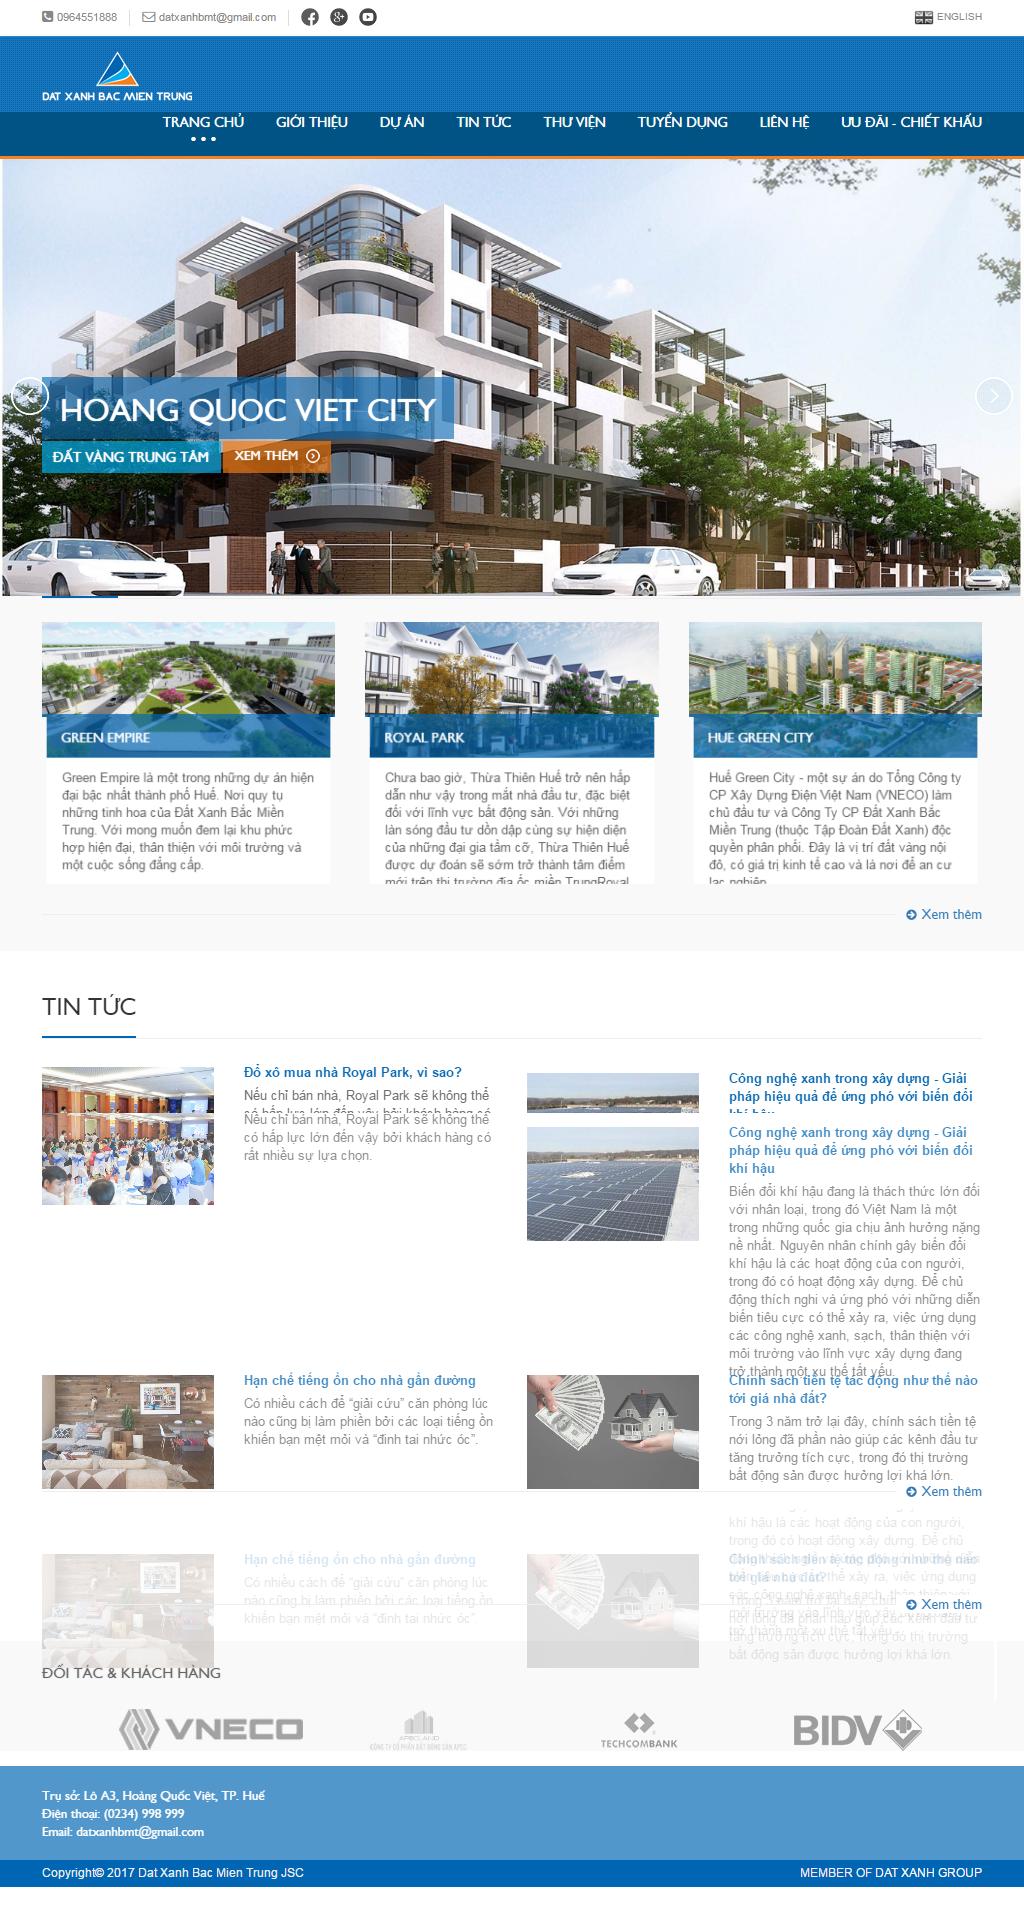 Giao diện website Bất động sản Z - 263